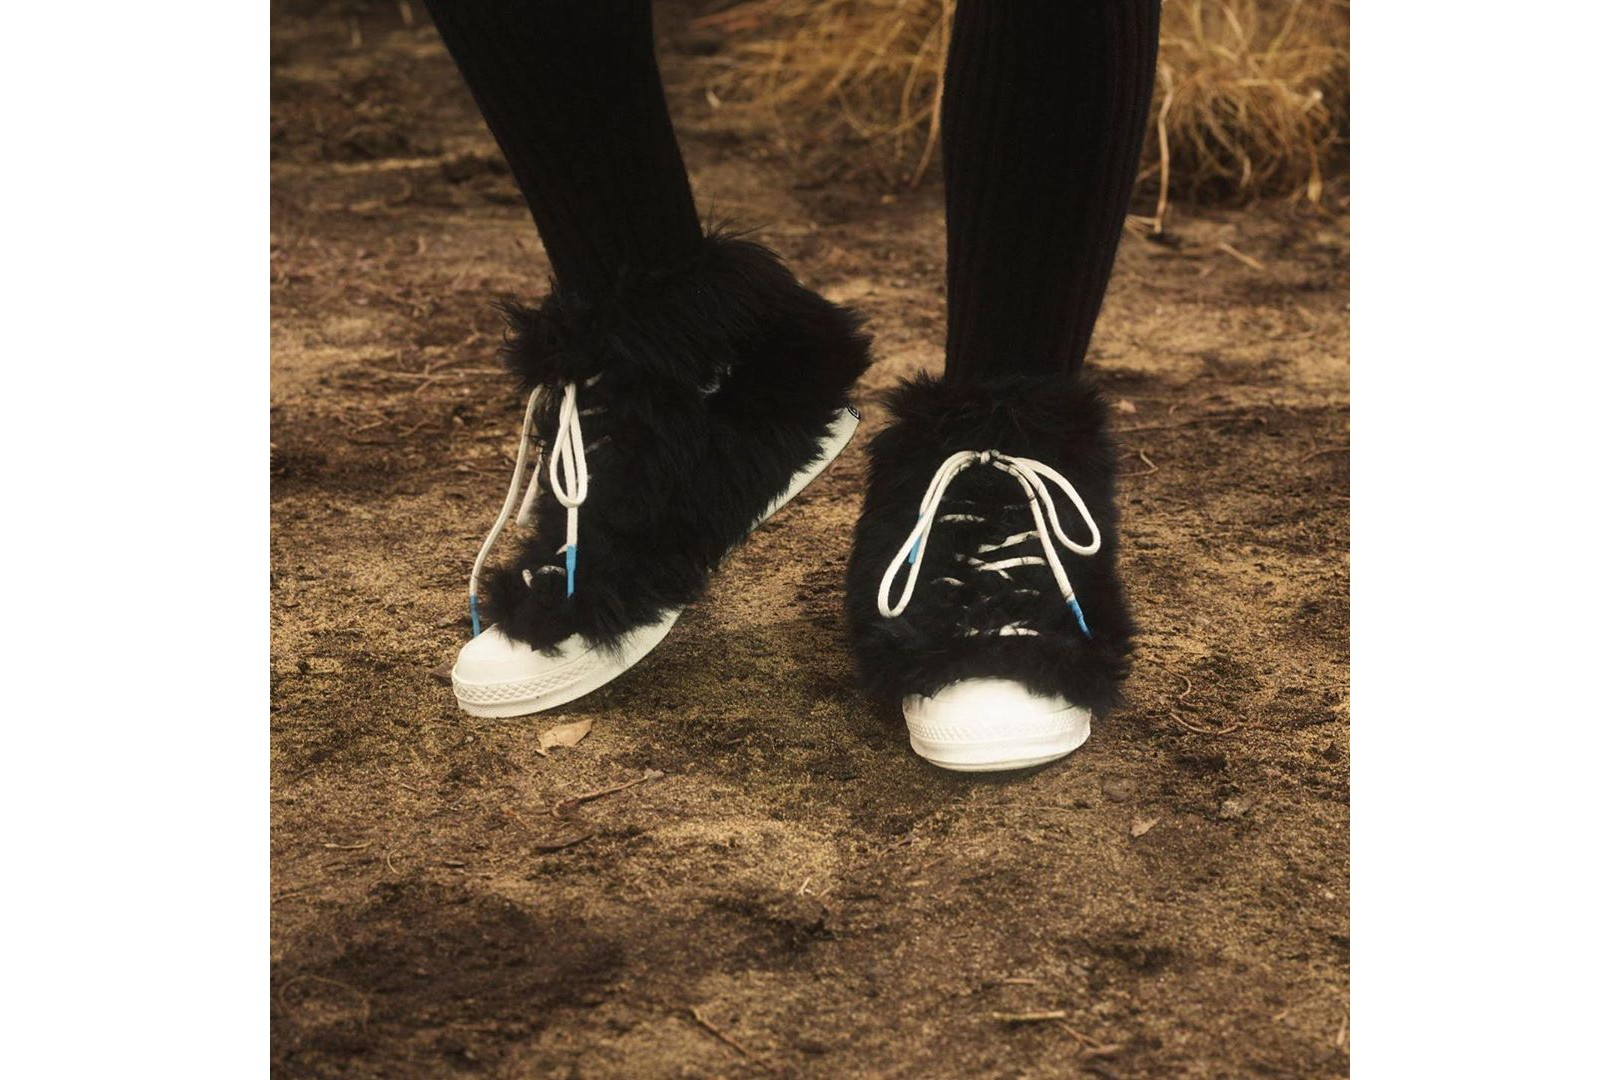 AMBUSH x Converse to Release Furry